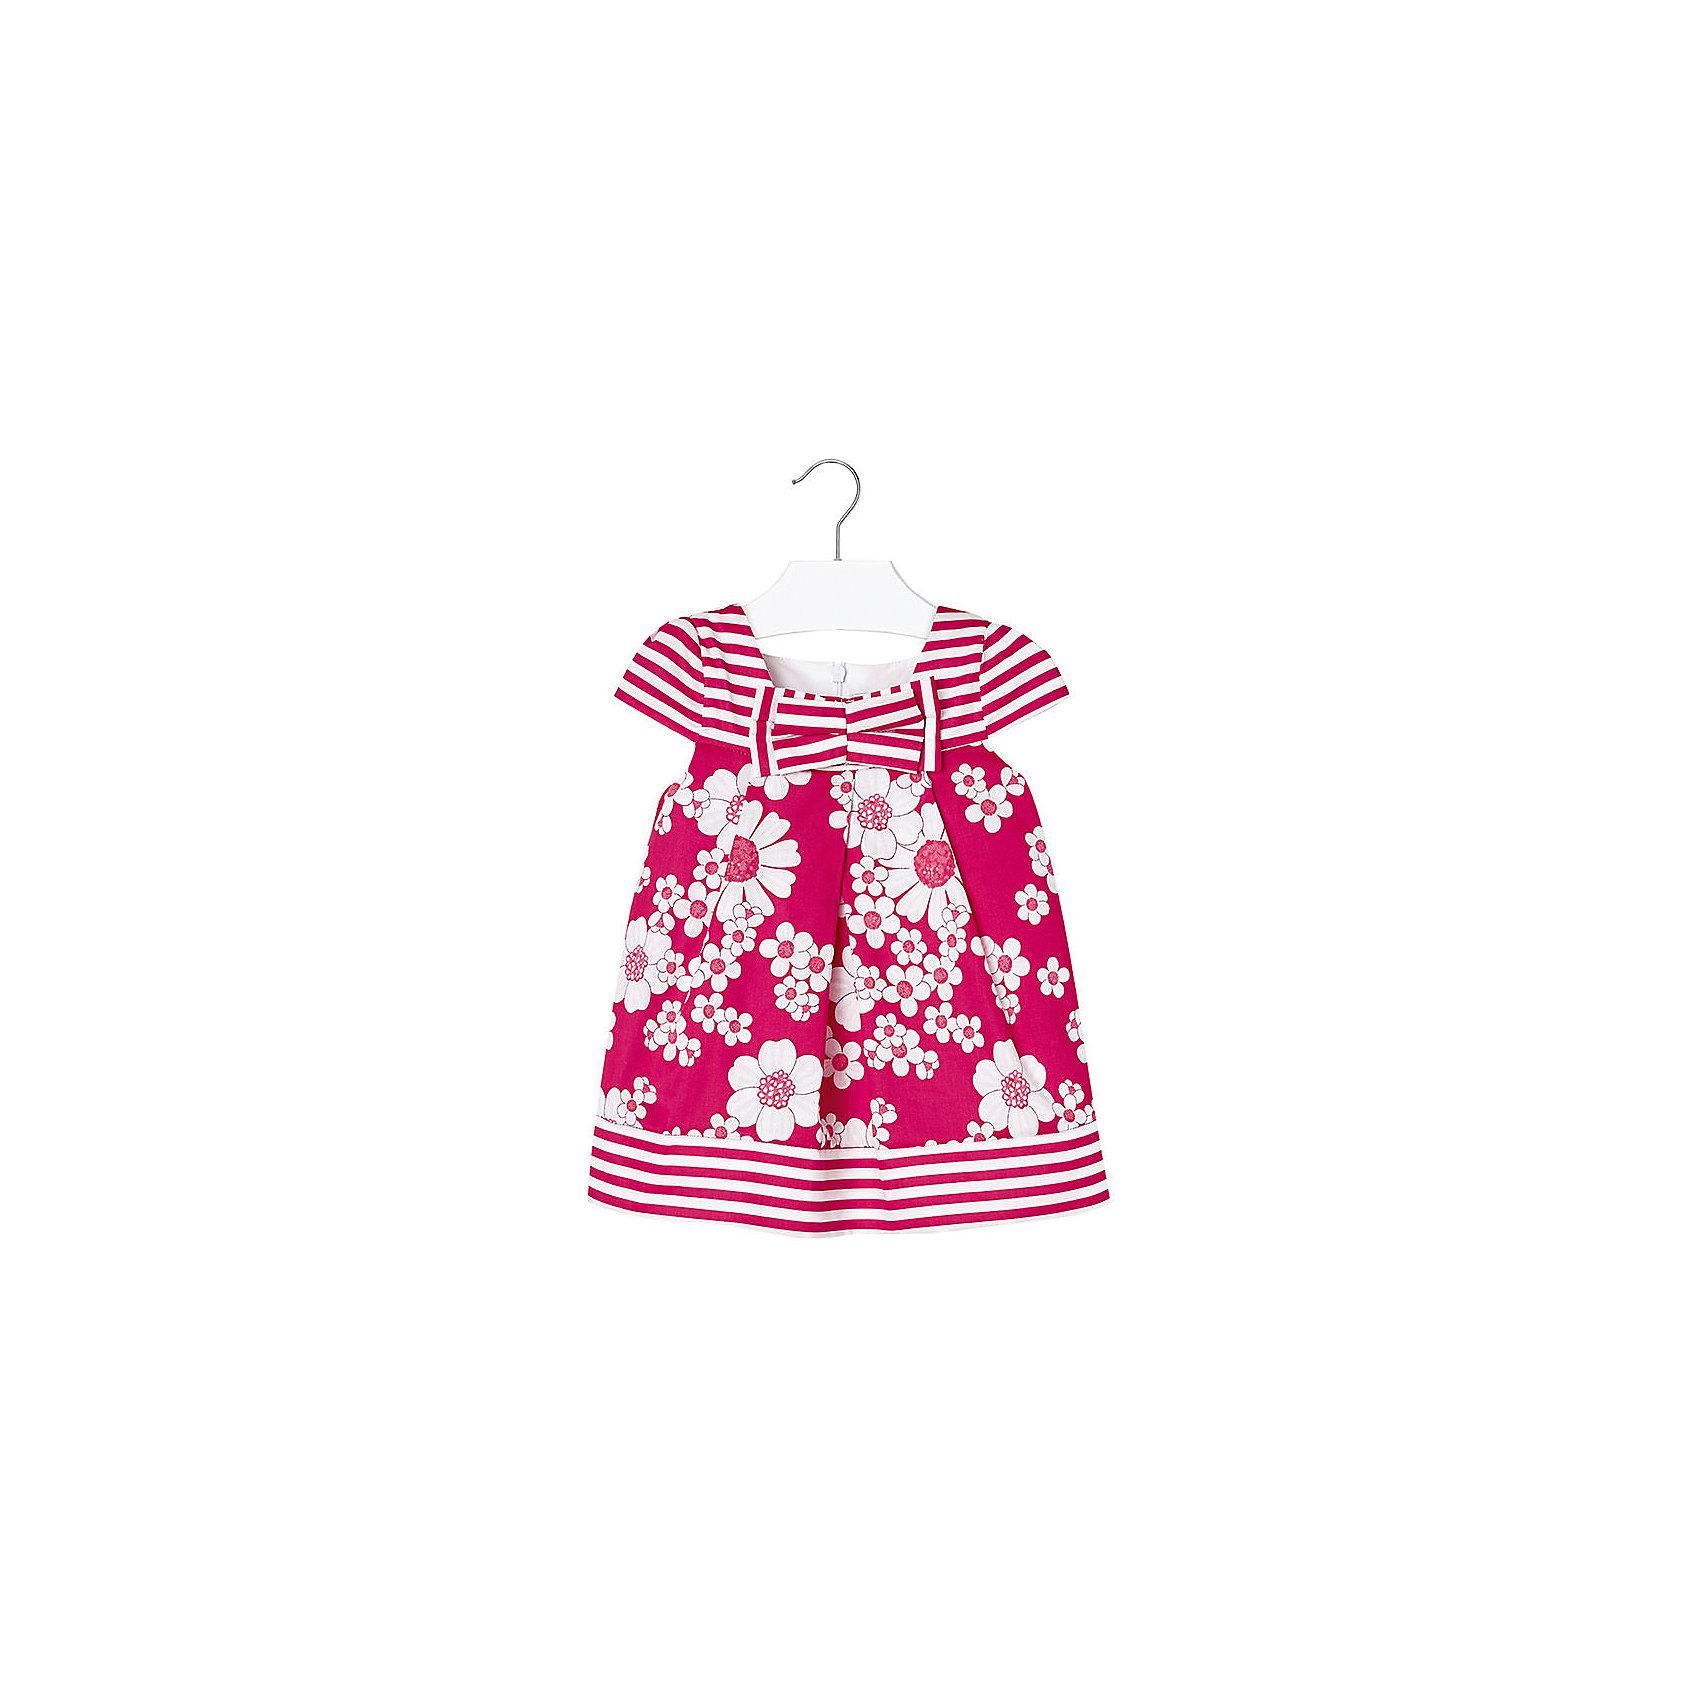 Платье для девочки MayoralОчаровательное платье для девочки от известной испанской марки Mayoral - прекрасный вариант для теплой погоды. <br><br>Дополнительная информация:<br><br>- Мягкая, приятная к телу ткань. <br>- Округлый вырез горловины.<br>- Яркий цветочный принт и полоска.<br>- Бантик на груди. <br>- Застегивается на молнию на спине. <br>- Состав: верх - 100 % хлопок; подкладка - 35% хлопок, 65 % полиэстер.<br><br>Платье для девочки Mayoral (Майорал) можно купить в нашем магазине.<br><br>Ширина мм: 236<br>Глубина мм: 16<br>Высота мм: 184<br>Вес г: 177<br>Цвет: красный<br>Возраст от месяцев: 6<br>Возраст до месяцев: 9<br>Пол: Женский<br>Возраст: Детский<br>Размер: 74,92,80,86<br>SKU: 4538046